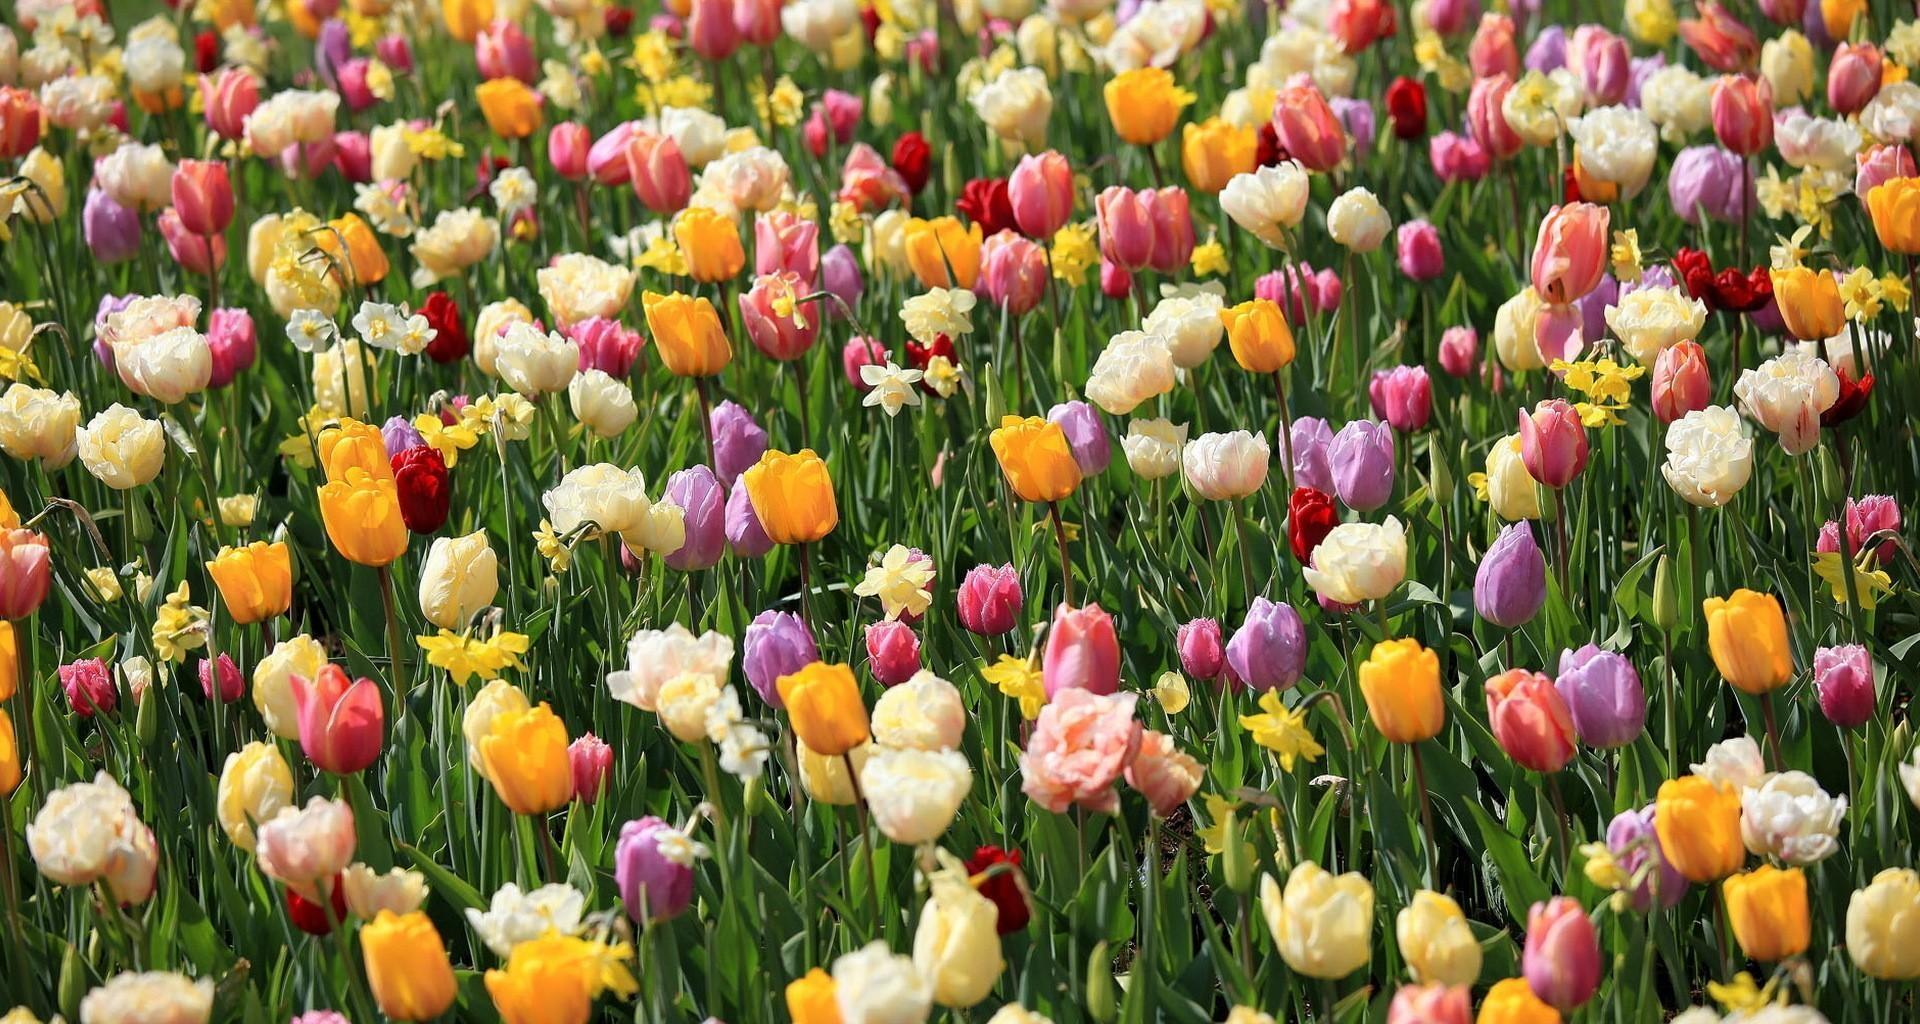 105718 Заставки и Обои Нарциссы на телефон. Скачать Цветы, Тюльпаны, Нарциссы, Клумба, Весна, Настроение картинки бесплатно